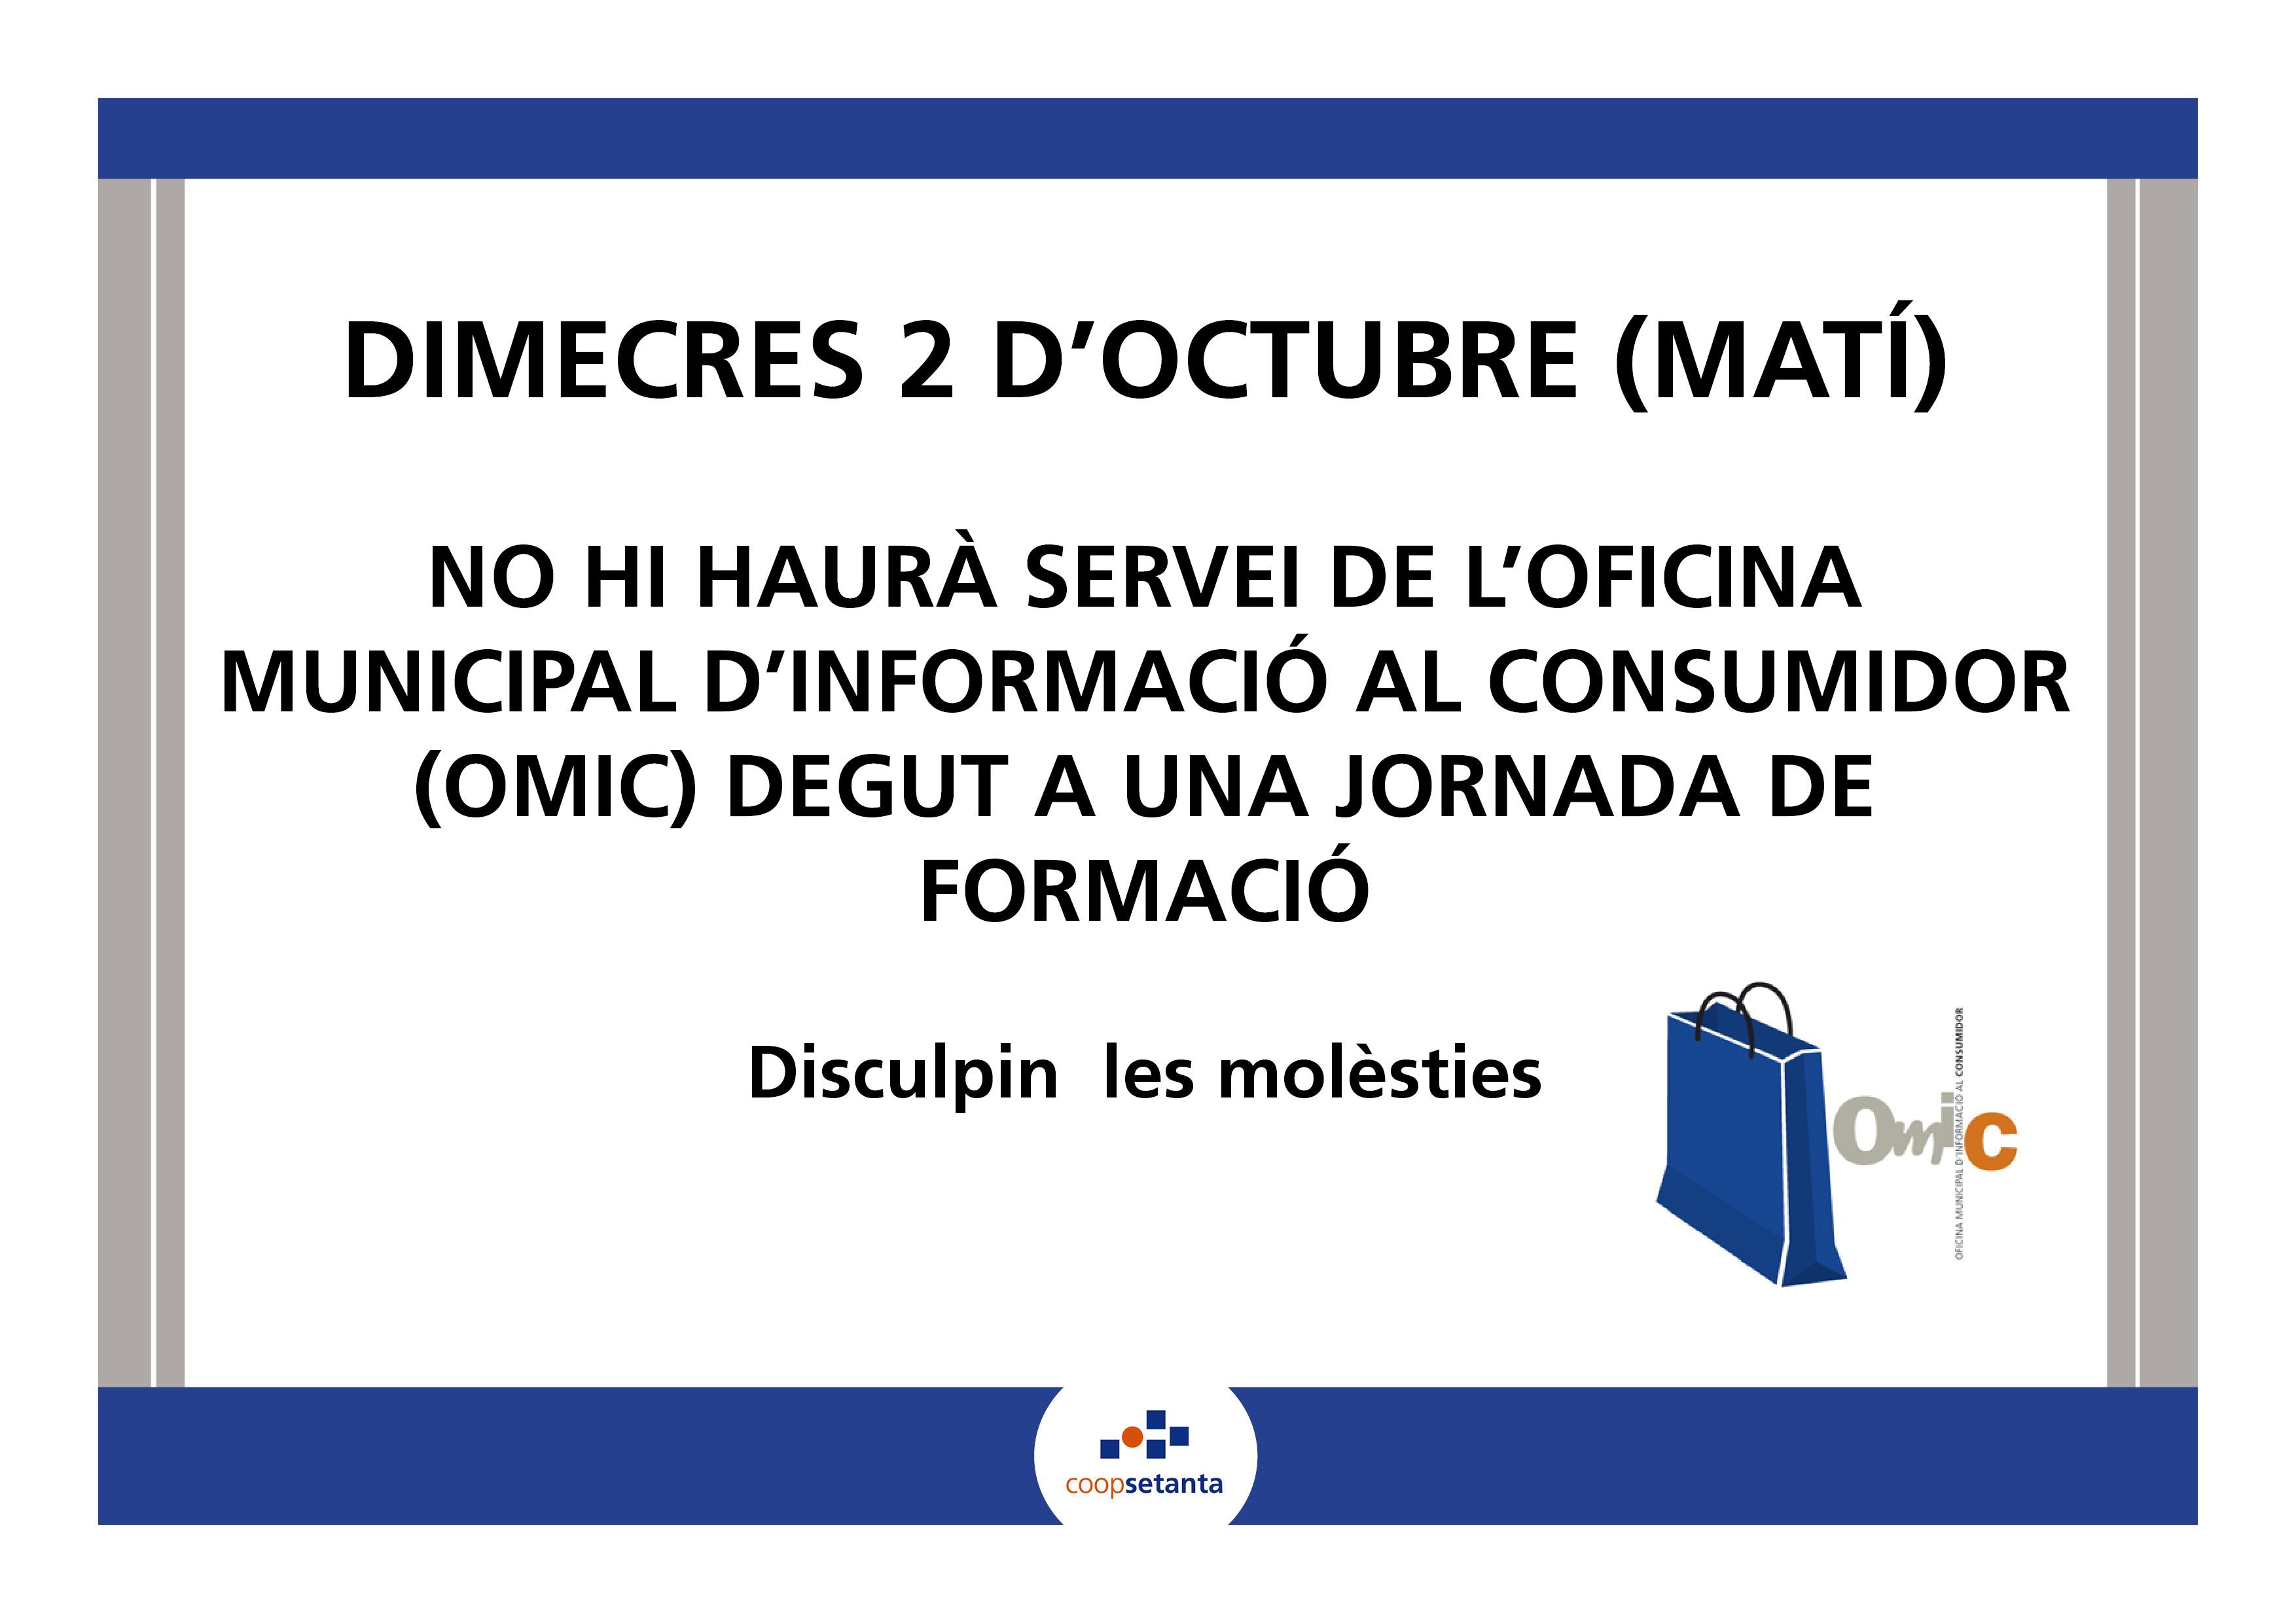 Omic_no_servei_dimecres2octubre